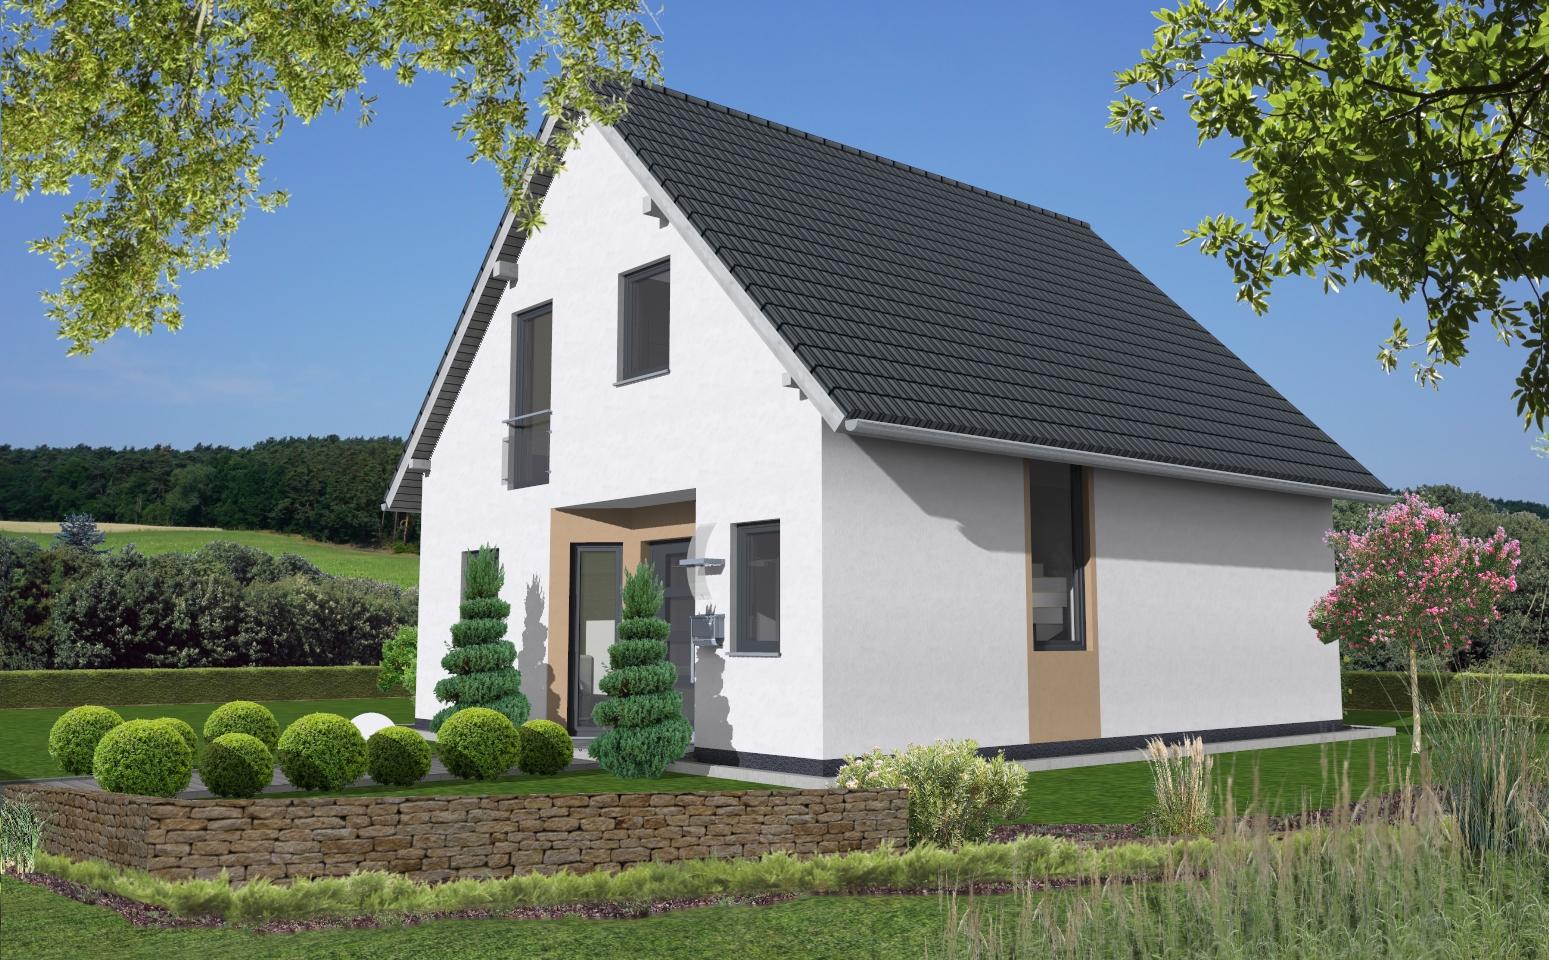 einfamilienhaus 1 010 wapelhorst planen und bauen. Black Bedroom Furniture Sets. Home Design Ideas